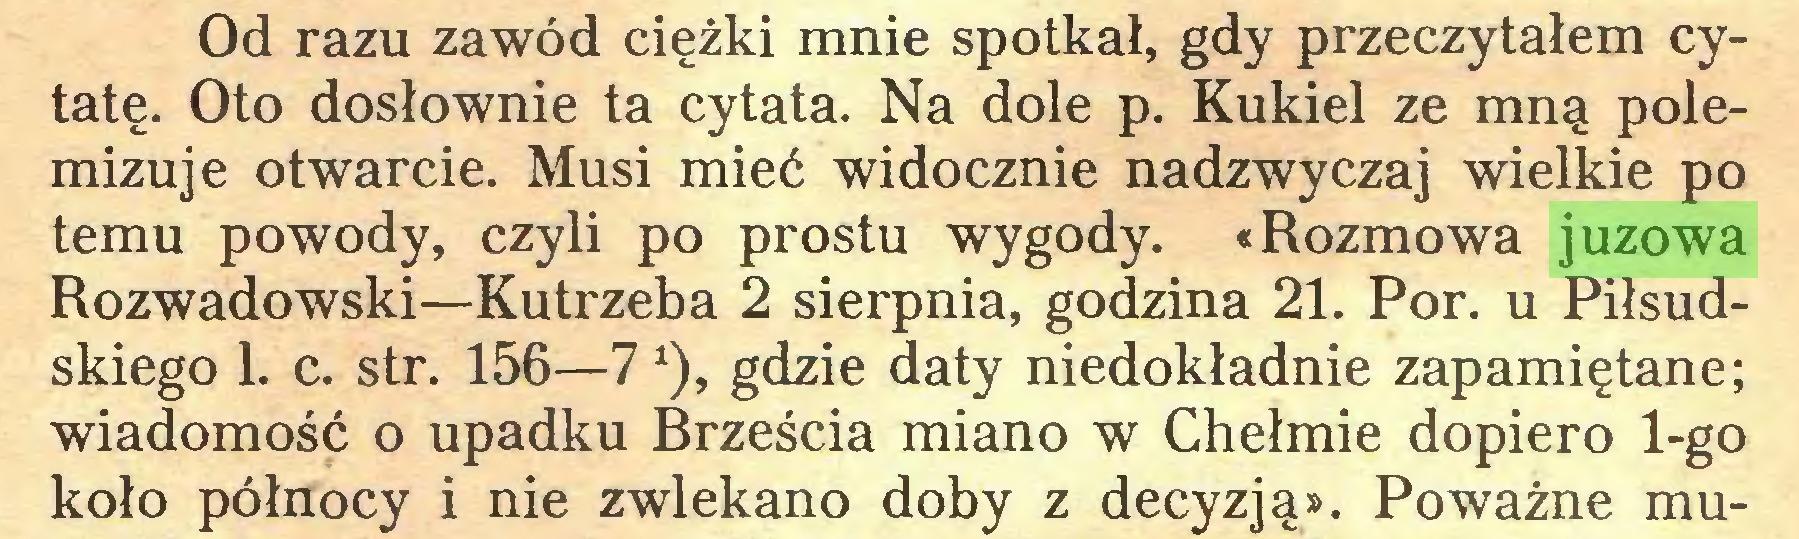 (...) Od razu zawód ciężki mnie spotkał, gdy przeczytałem cytatę. Oto dosłownie ta cytata. Na dole p. Kukieł ze mną polemizuje otwarcie. Musi mieć widocznie nadzwyczaj wielkie po temu powody, czyli po prostu wygody. «Rozmowa juzowa Rozwadowski—Kutrzeba 2 sierpnia, godzina 21. Por. u Piłsudskiego 1. c. str. 156—7*), gdzie daty niedokładnie zapamiętane; wiadomość o upadku Brześcia miano w Chełmie dopiero 1-go koło północy i nie zwlekano doby z decyzją». Poważne mu...